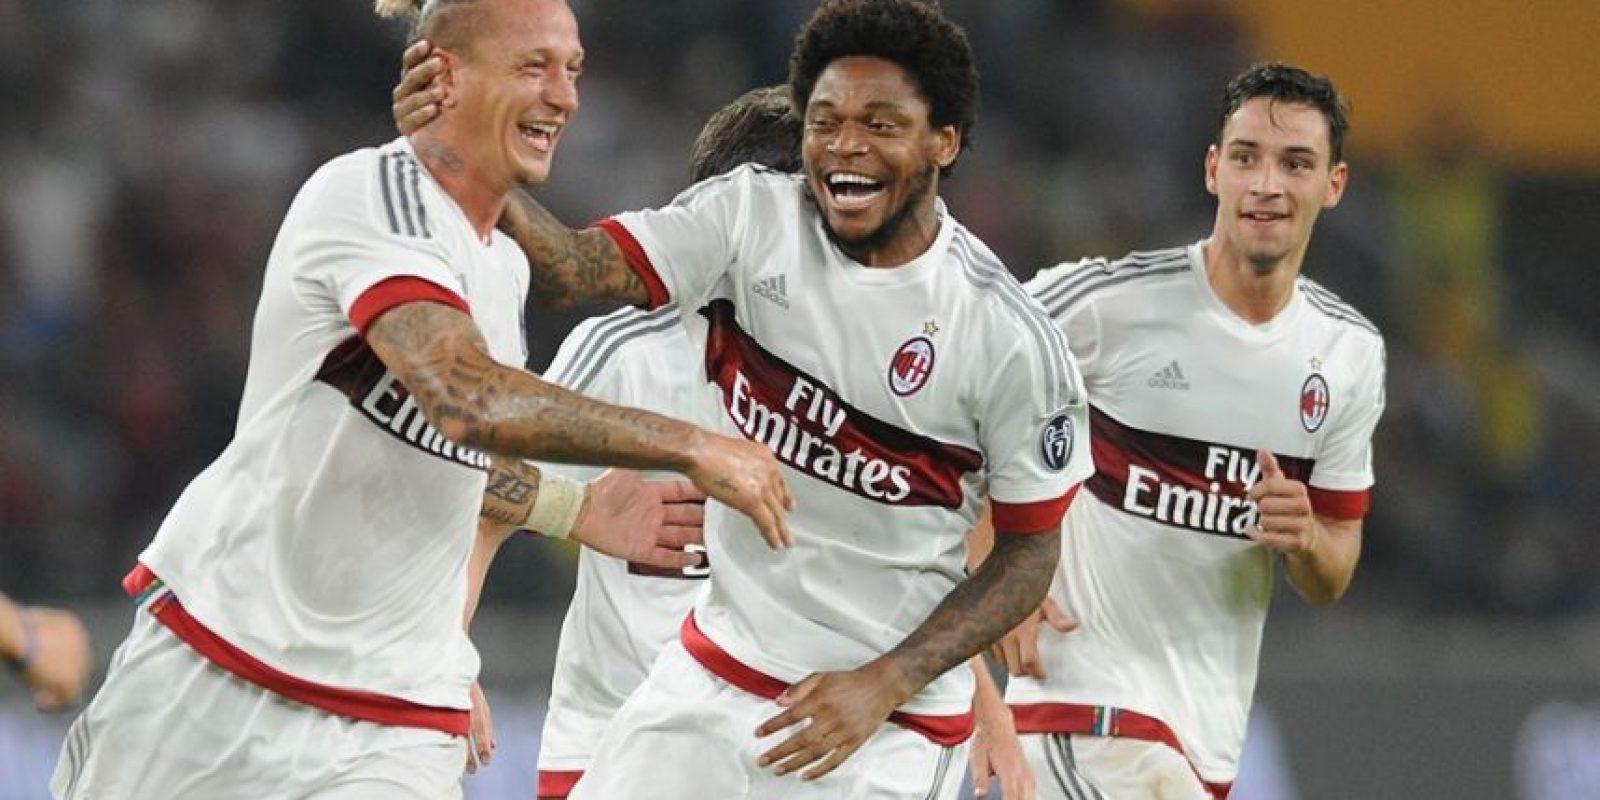 Esto en el partido entre AC Milán e Inter en China, como parte de la International Champions Cup. Foto:Vía facebook.com